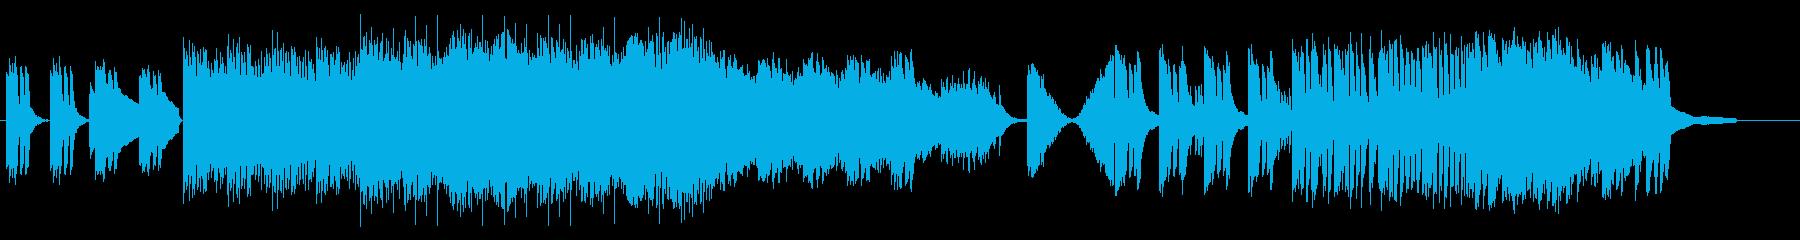 寒空と時計台 エモい・切ないピアノ曲の再生済みの波形